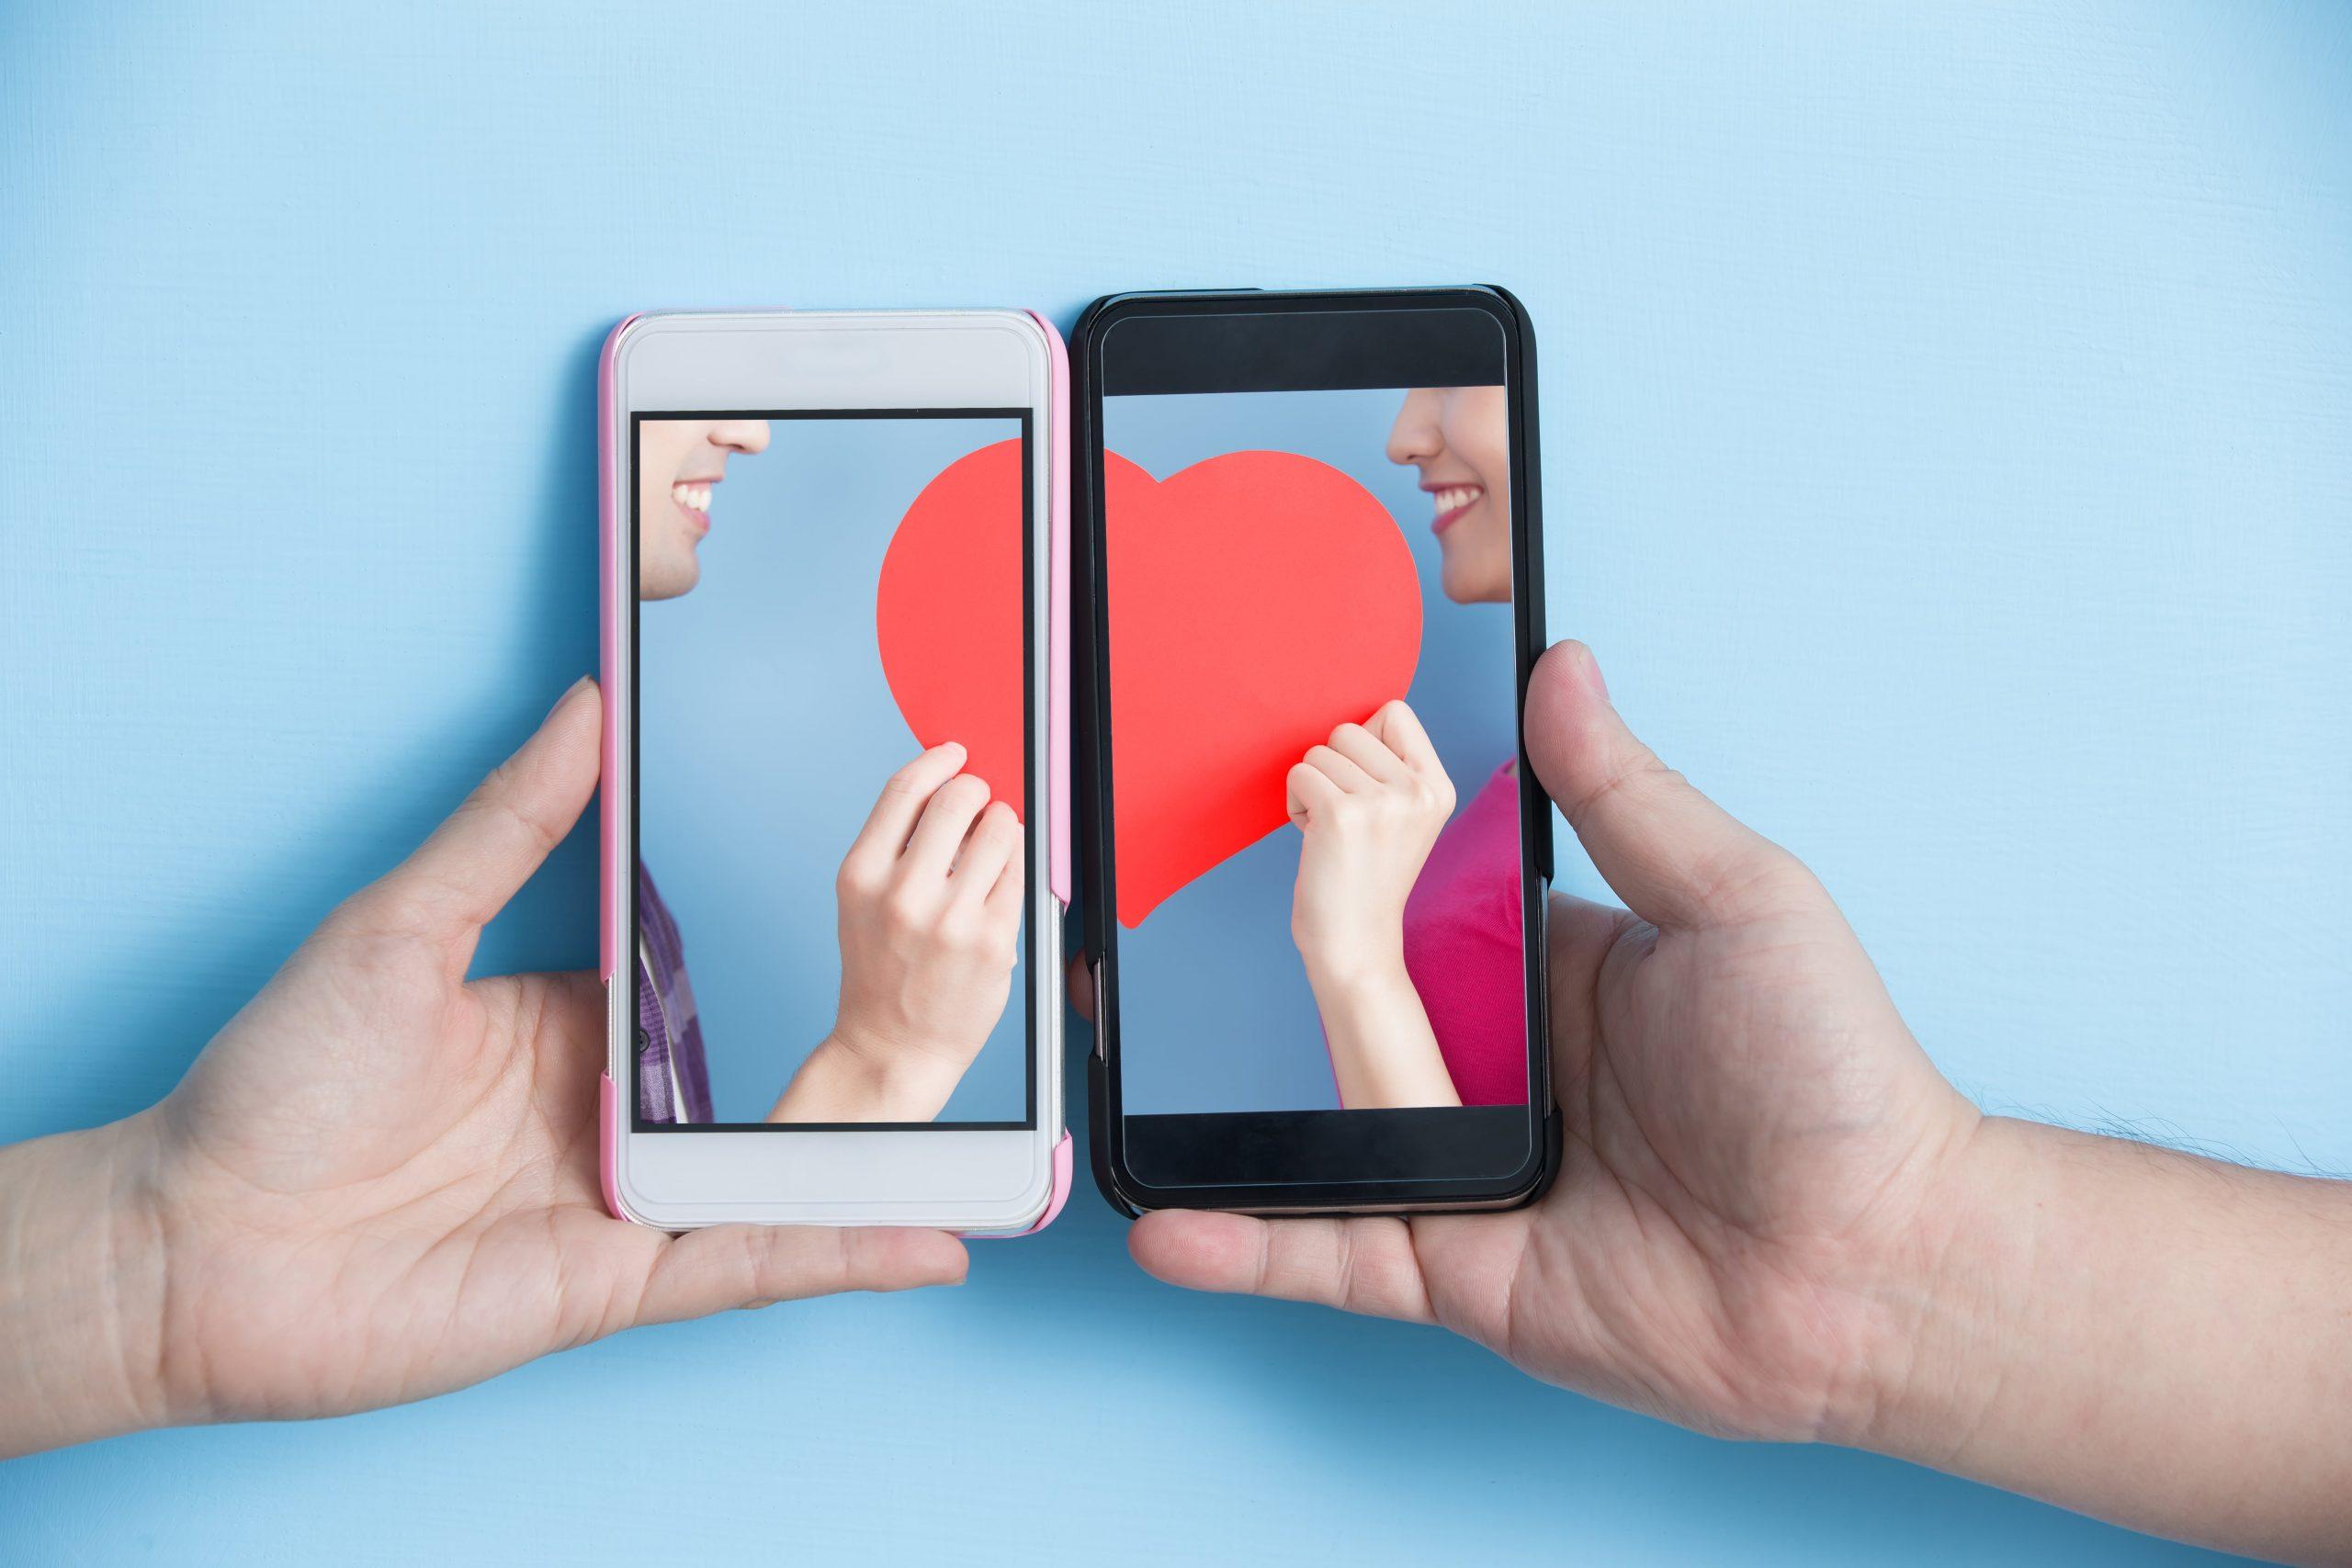 【マッチングアプリで婚活】真剣交際・結婚に繋がりやすい活用法